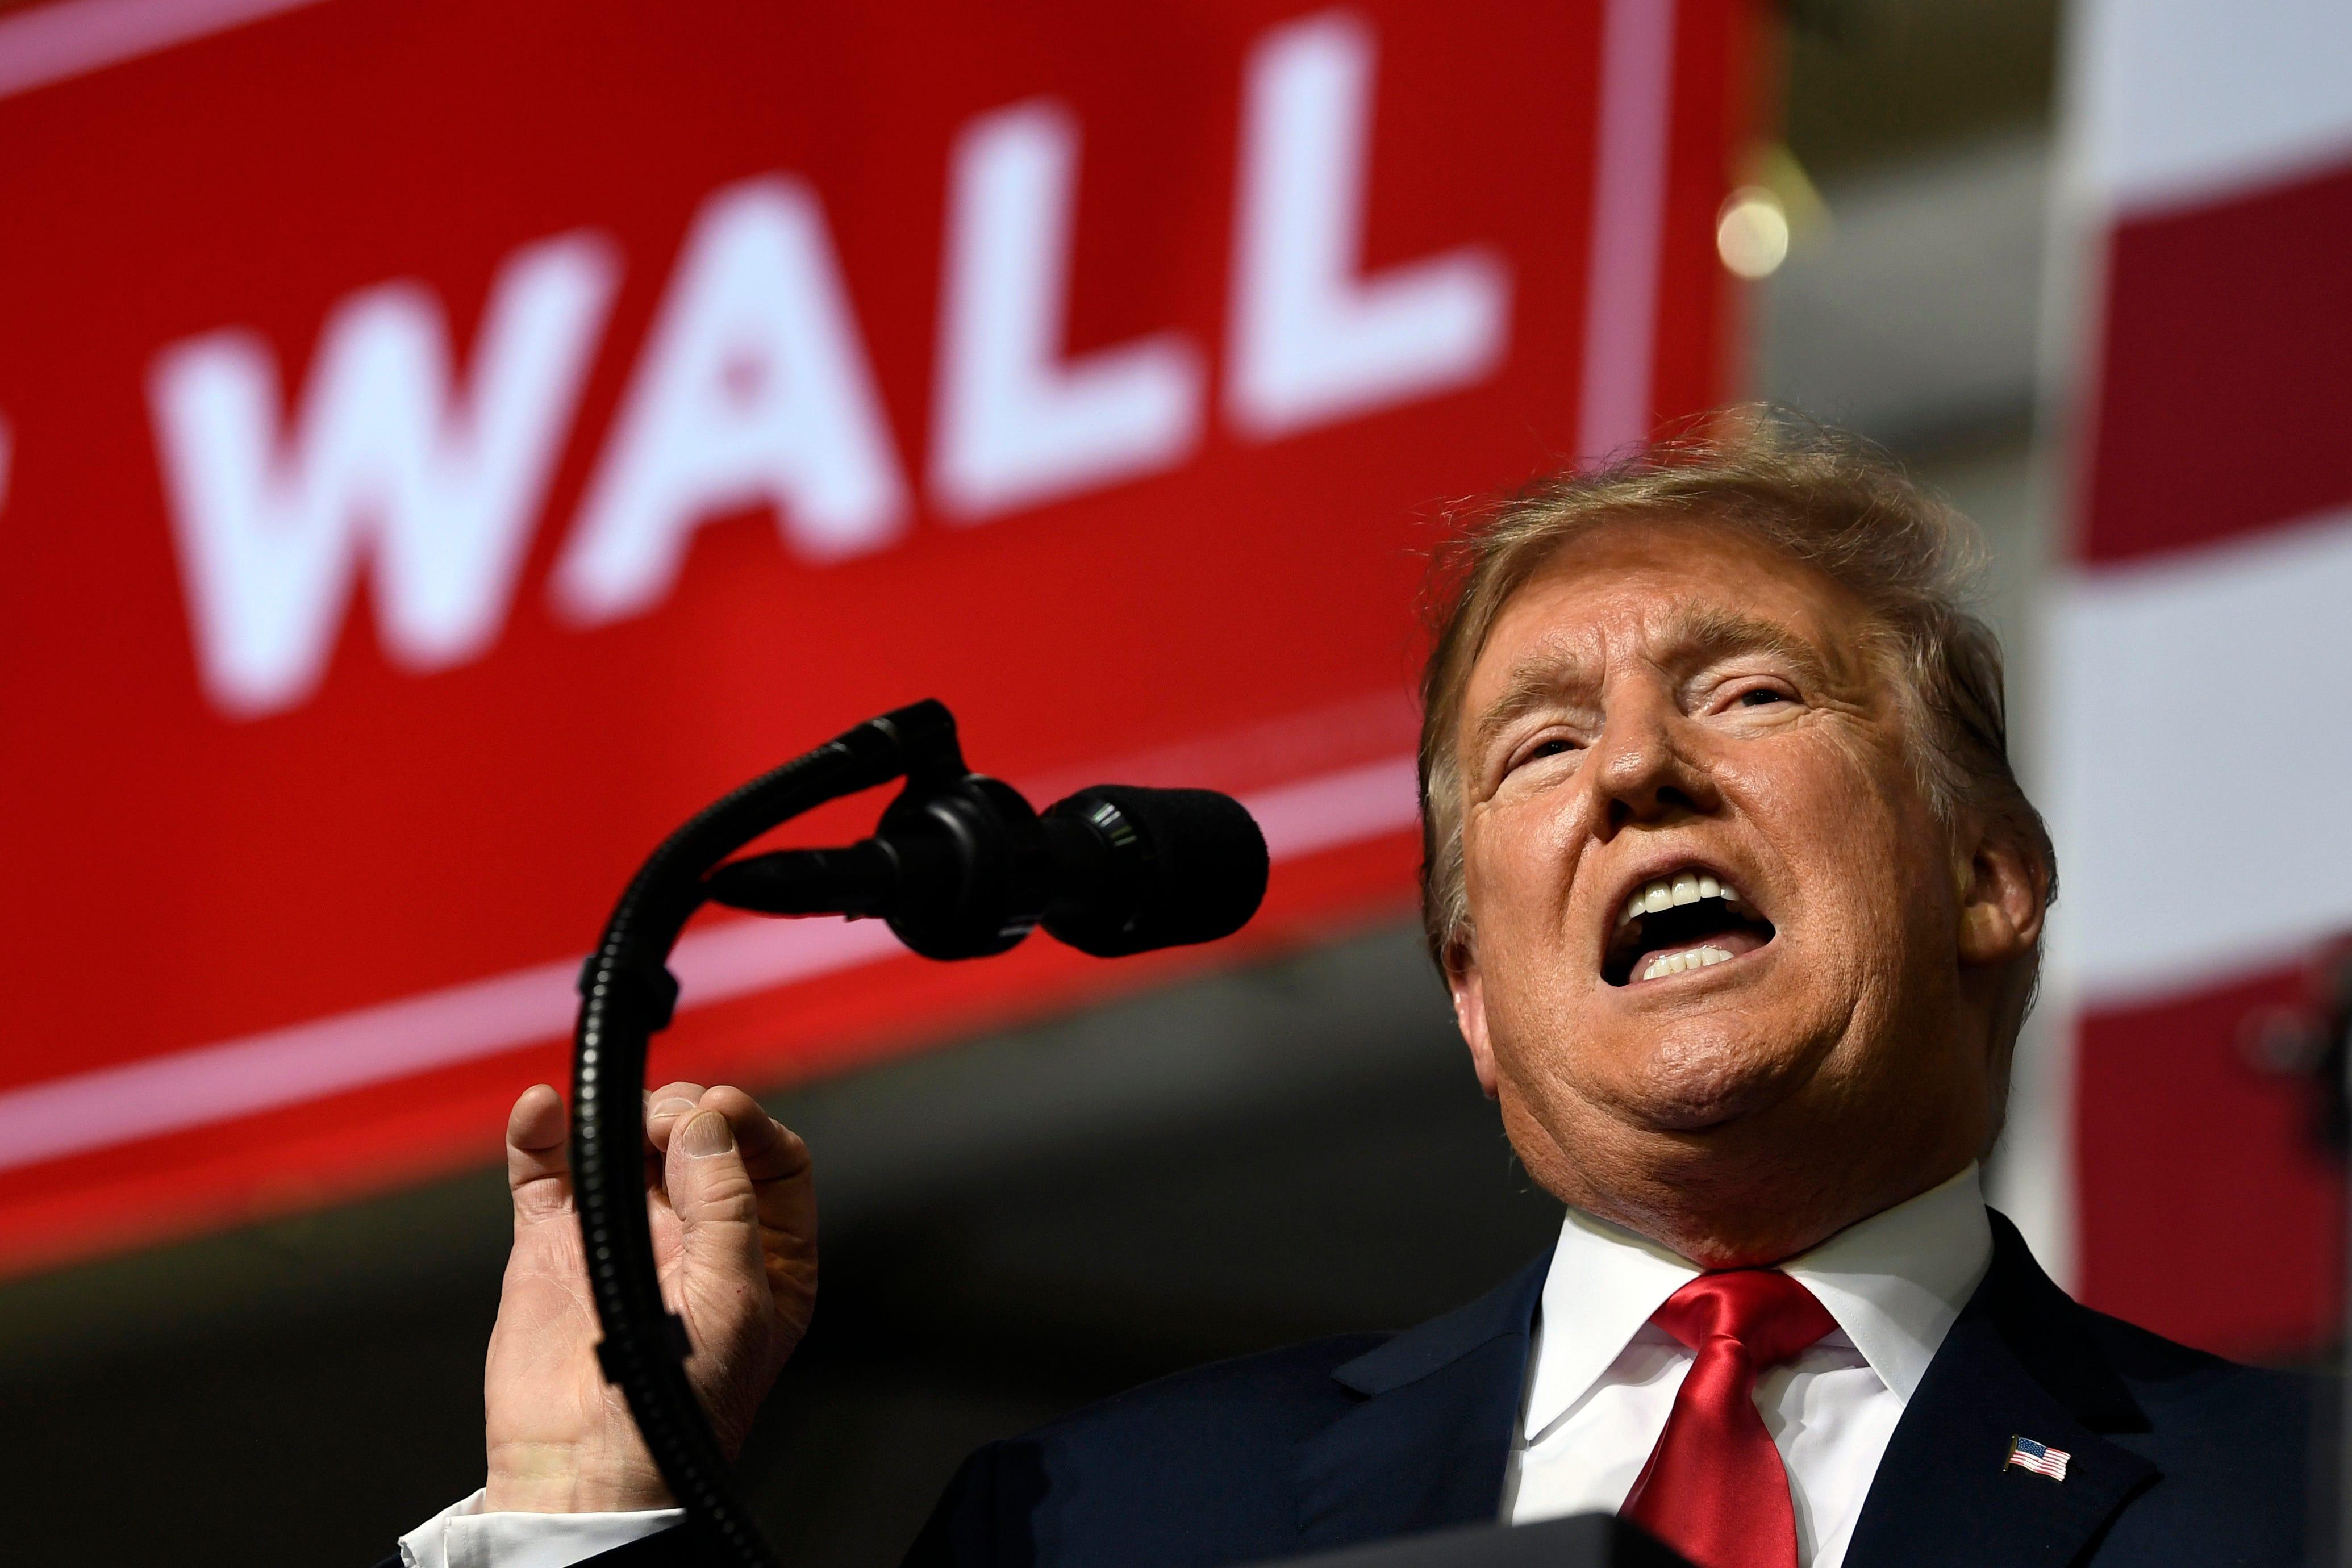 badb9d0c-0ef6-49fb-8107-f761291d9916-AP_Trump.2 Five takeaways from Trump's El Paso rally on border wall, shutdown talks